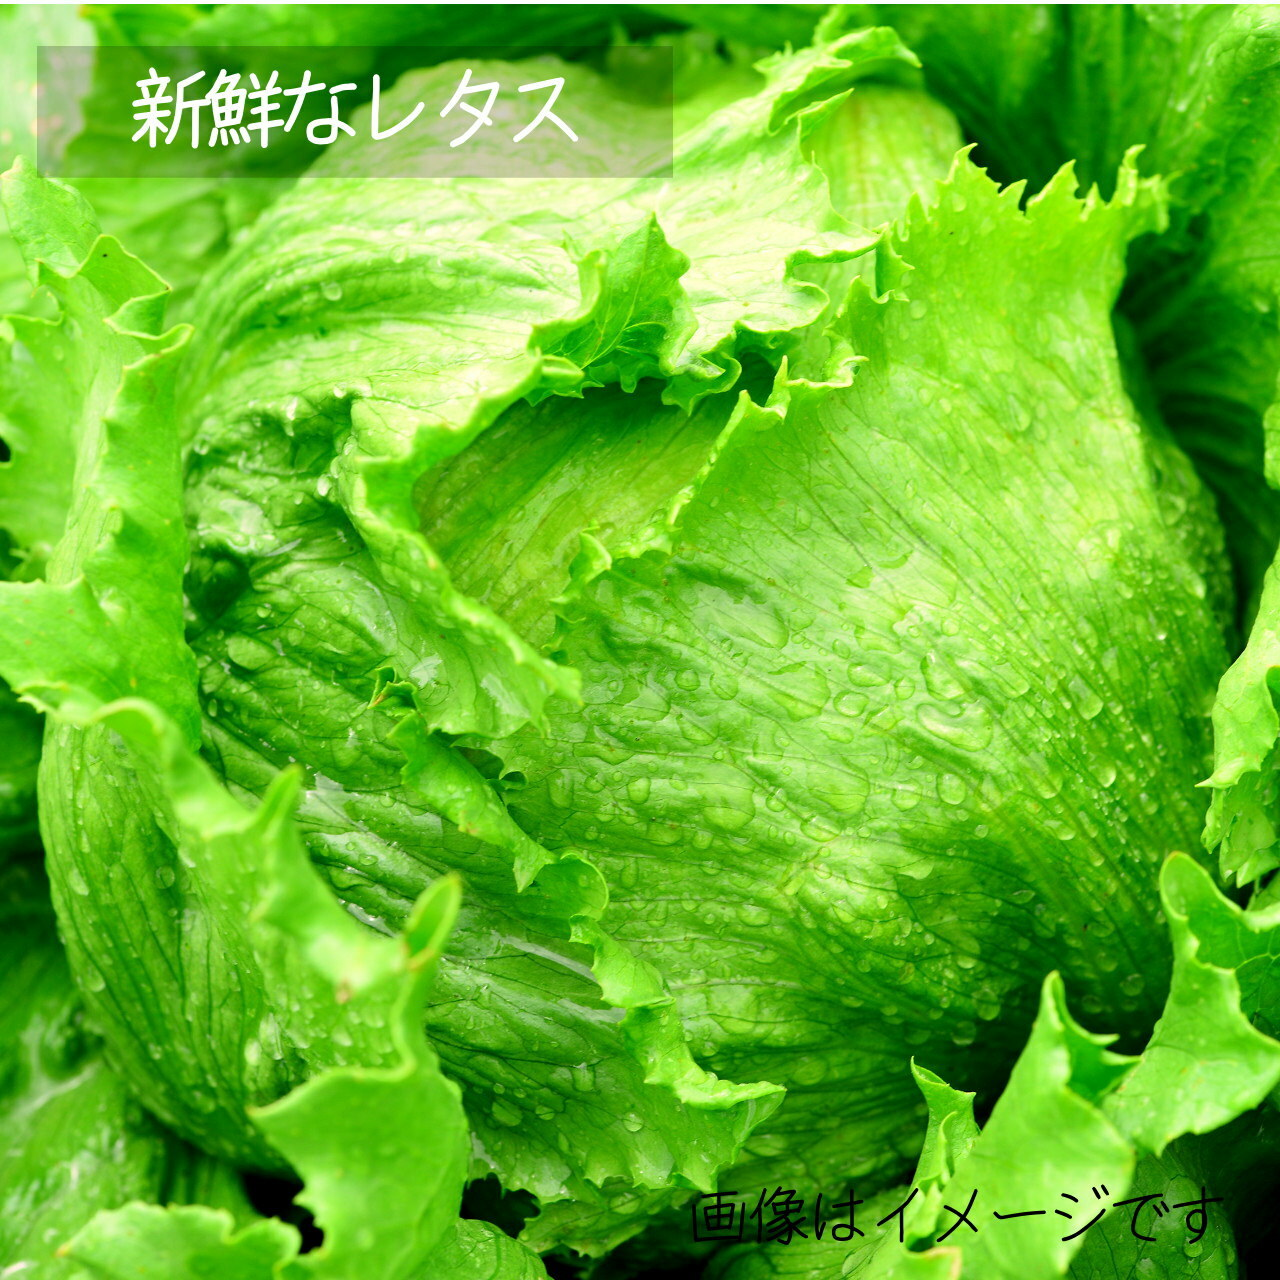 レタス 1個 : 6月朝採り直売野菜 6月15日発送予定